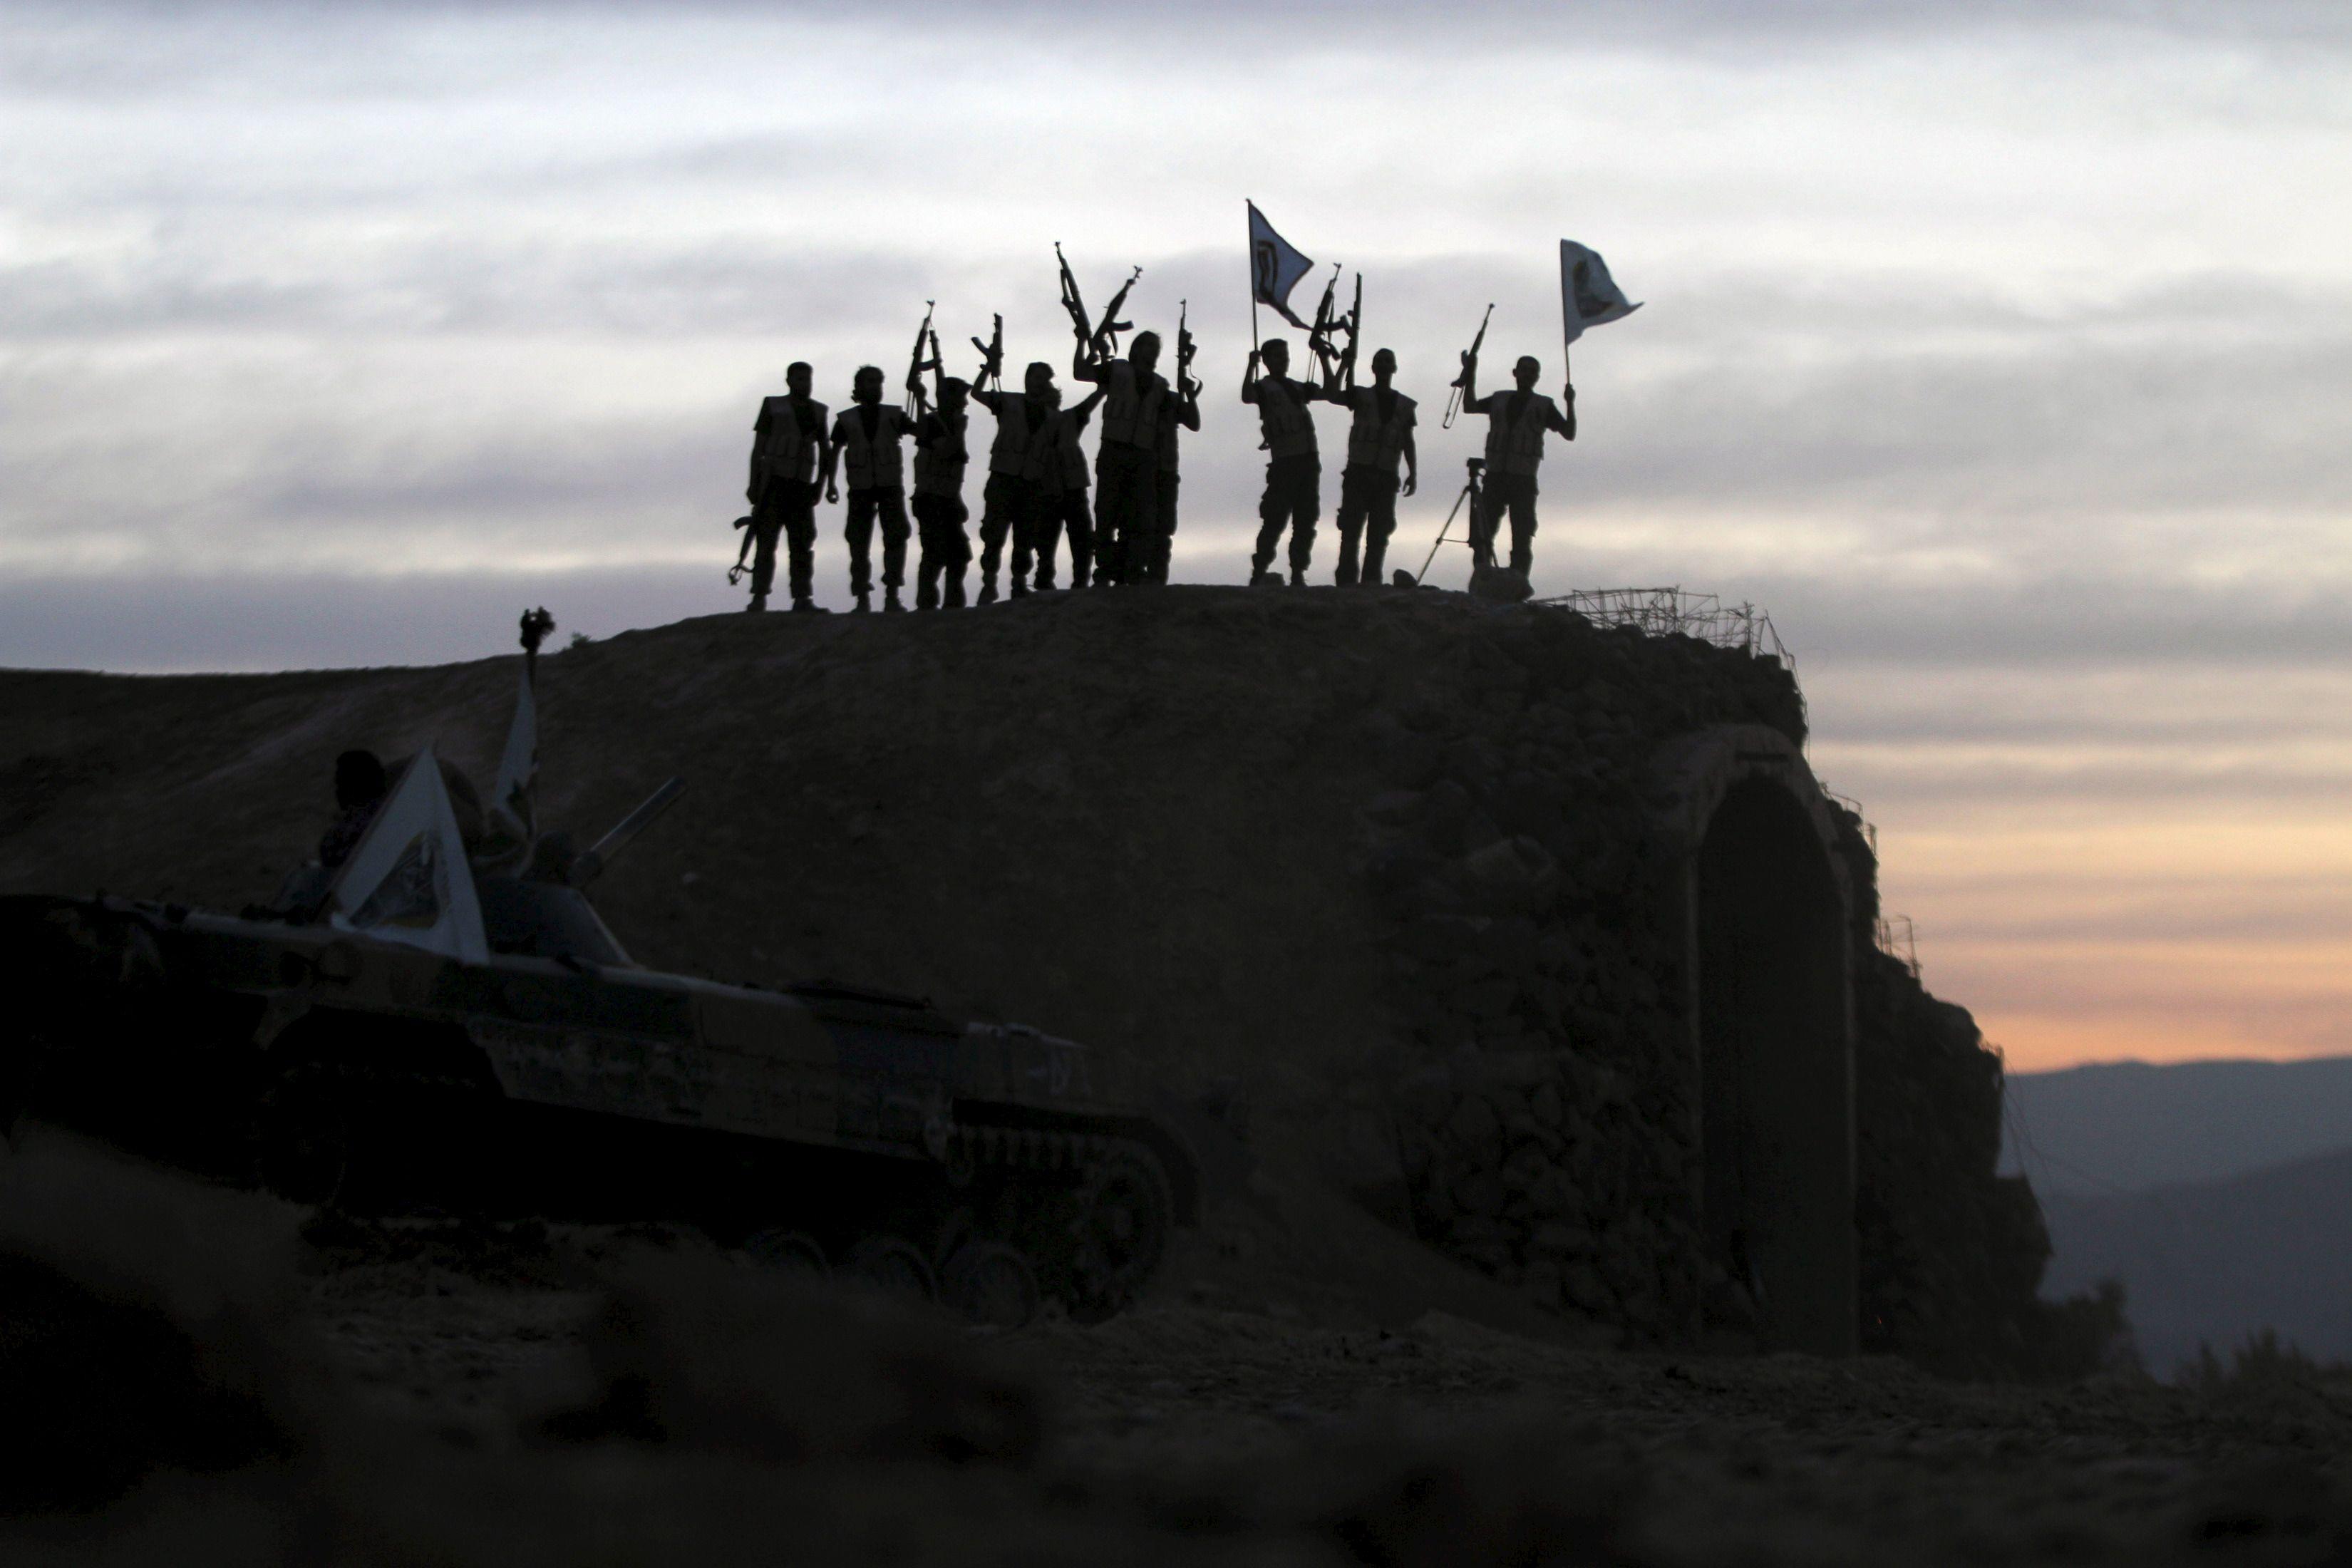 L'épreuve de vérité ? L'Etat islamique face aux risques de désertion des djihadistes dont il vient de diviser la solde par deux